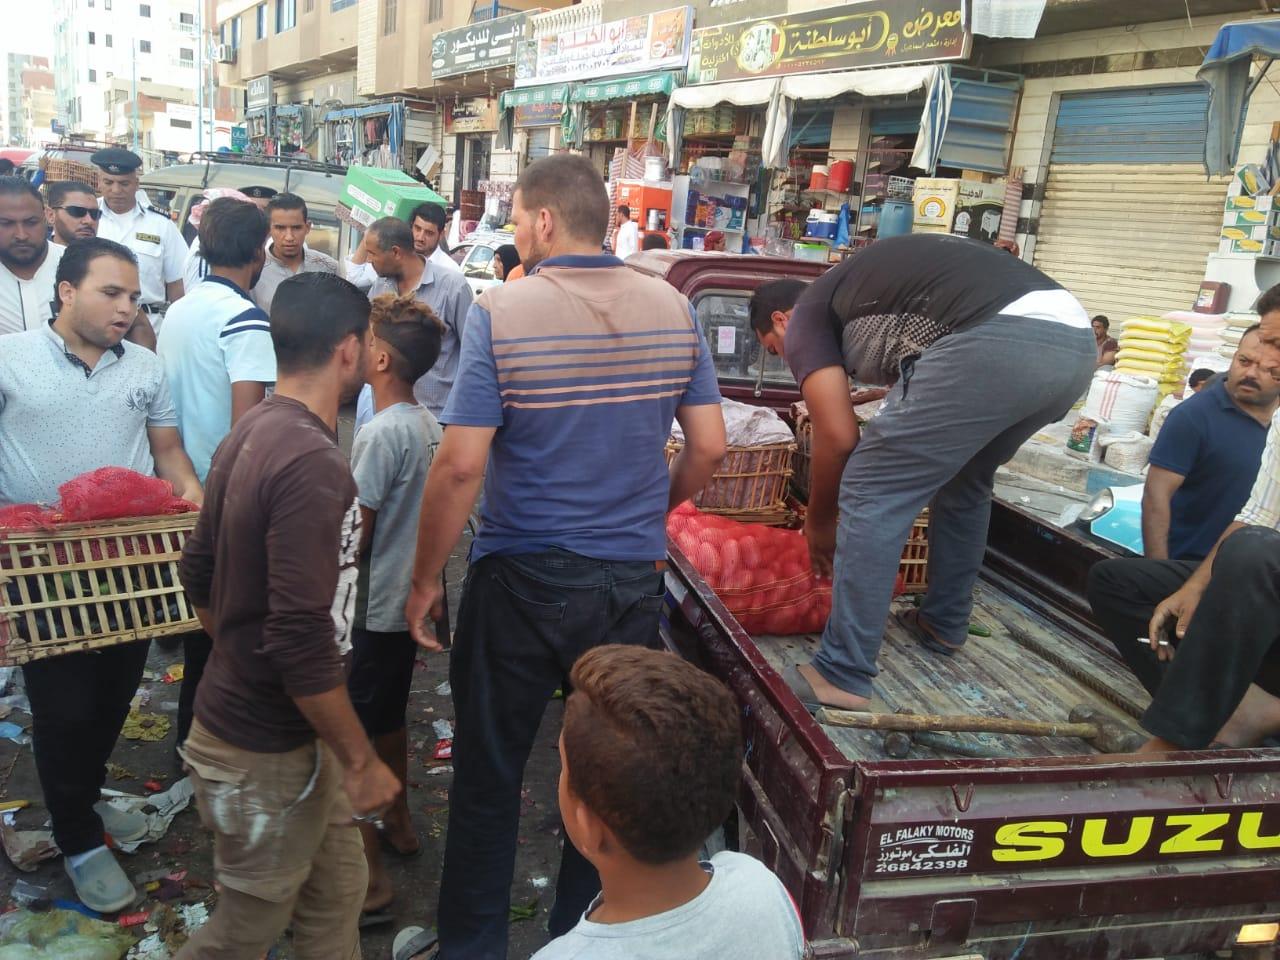 حملة لإزالة الإشغالات وباعة الخضراوات من شوارع مطروح (2)